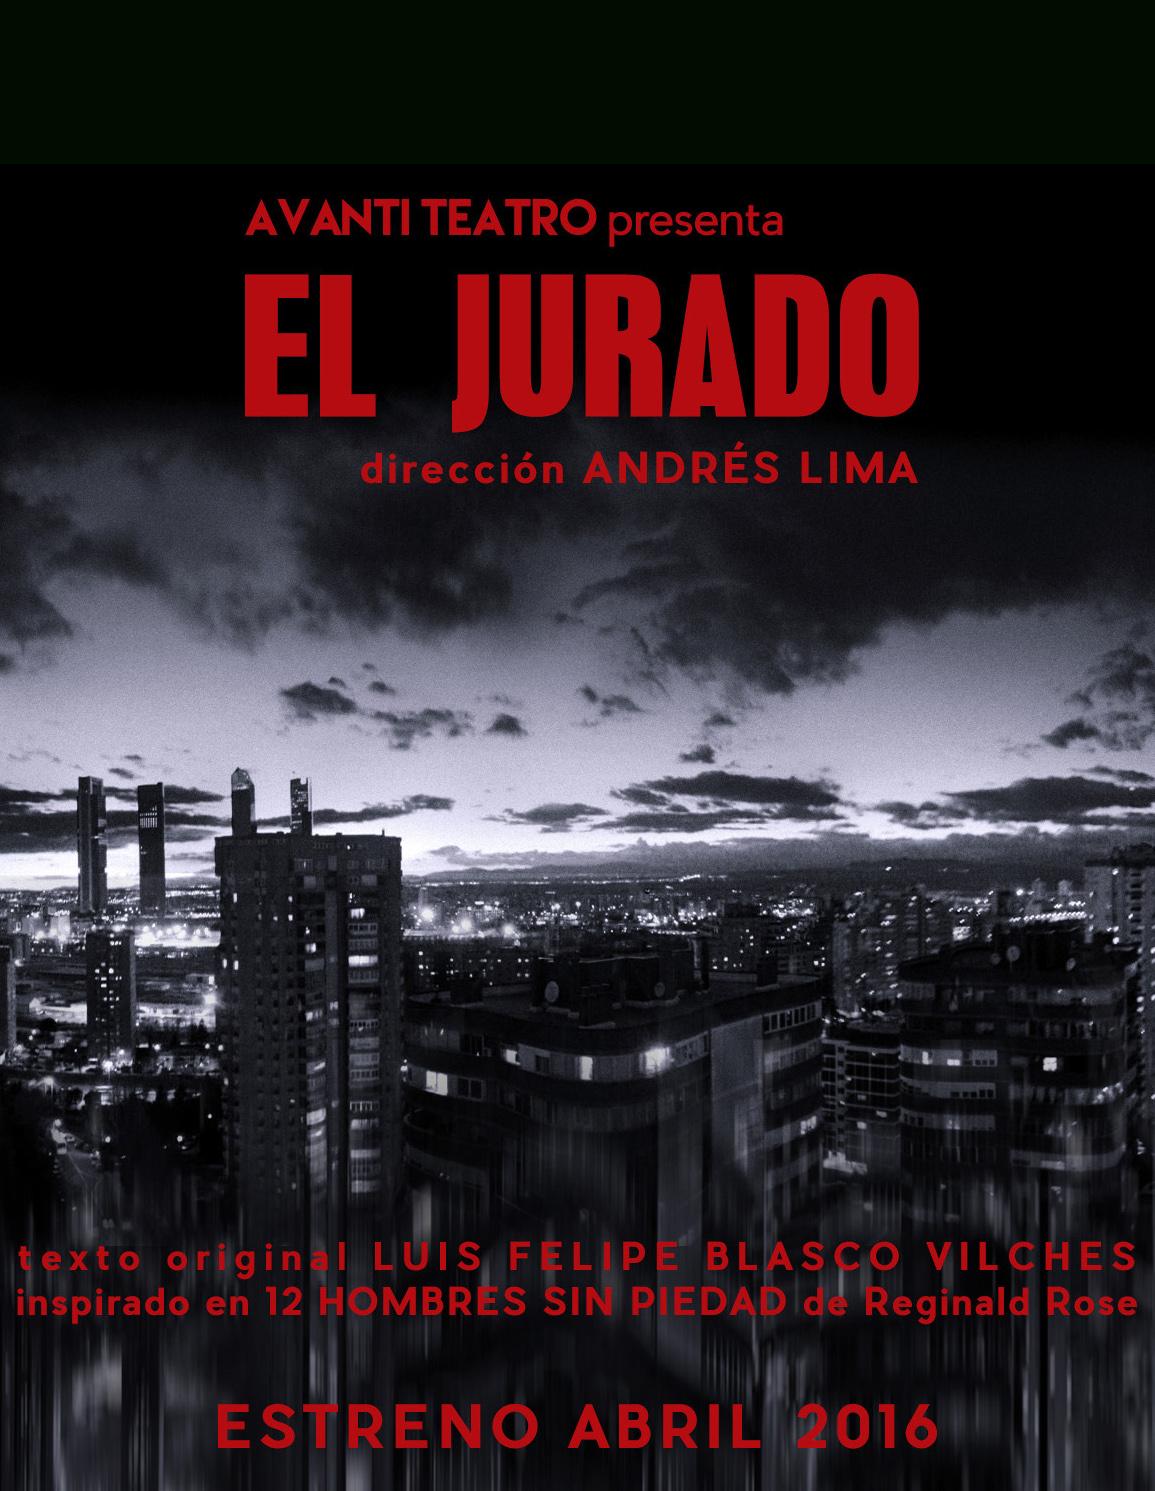 'El Jurado', nuevo espectáculo de Avanti Teatro